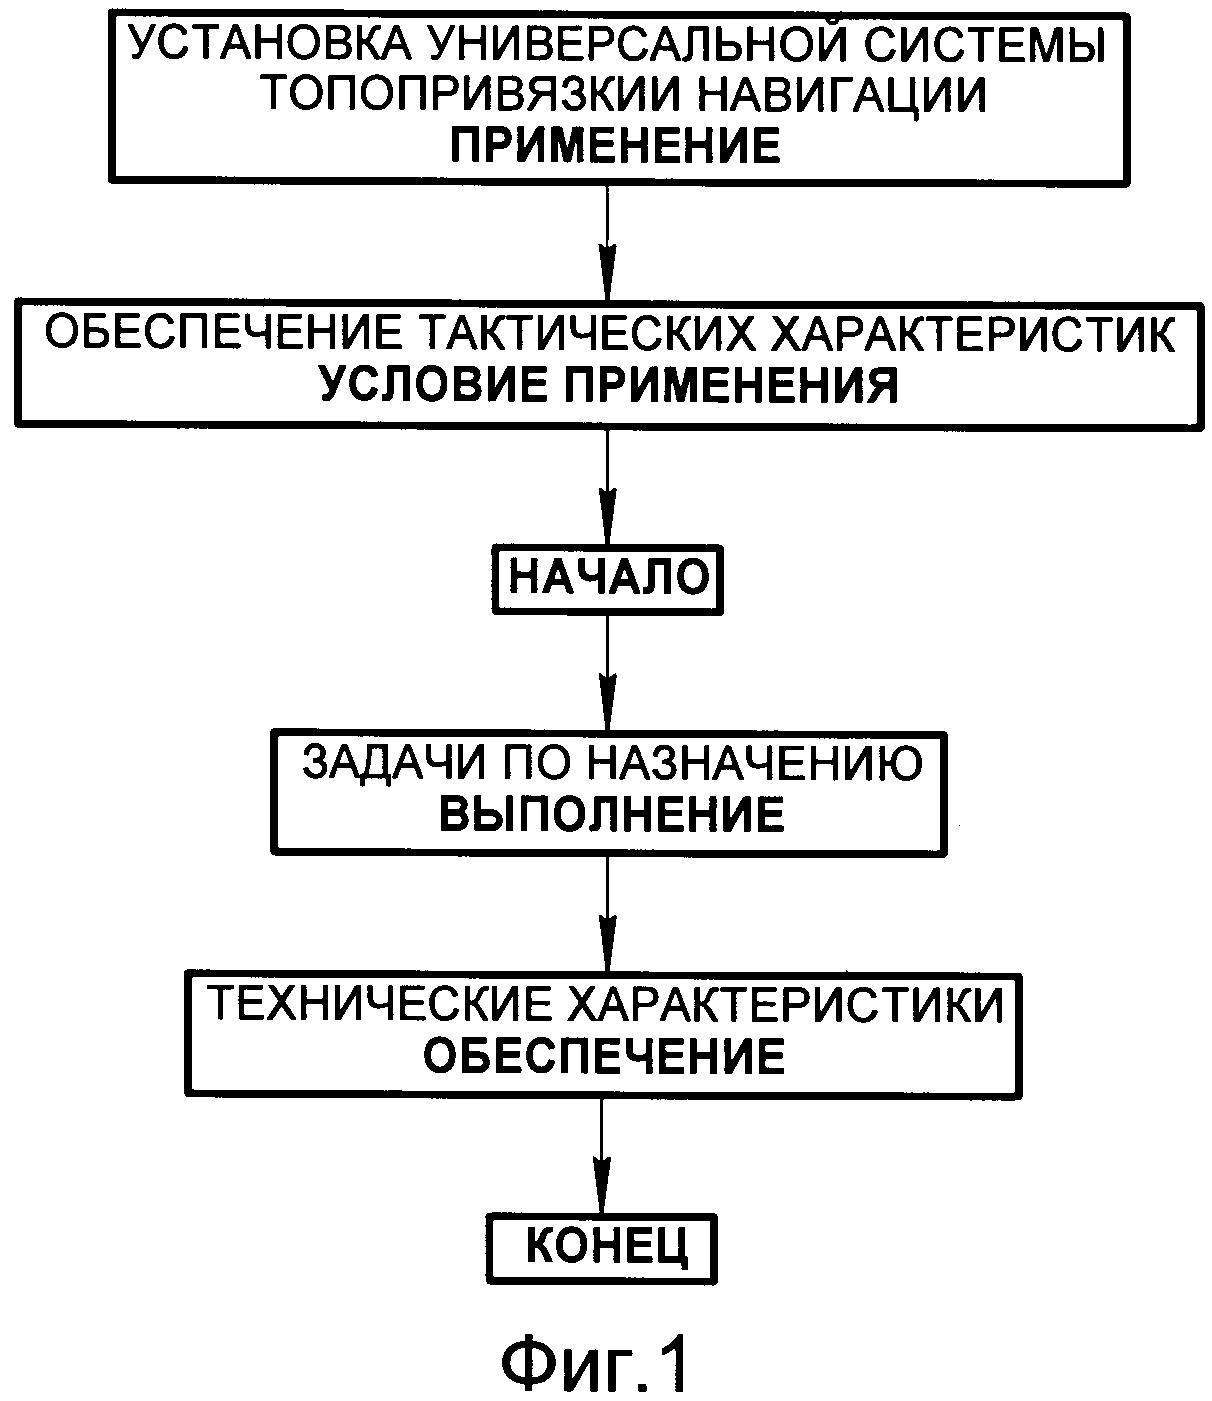 Способ применения универсальной системы топопривязки и навигации